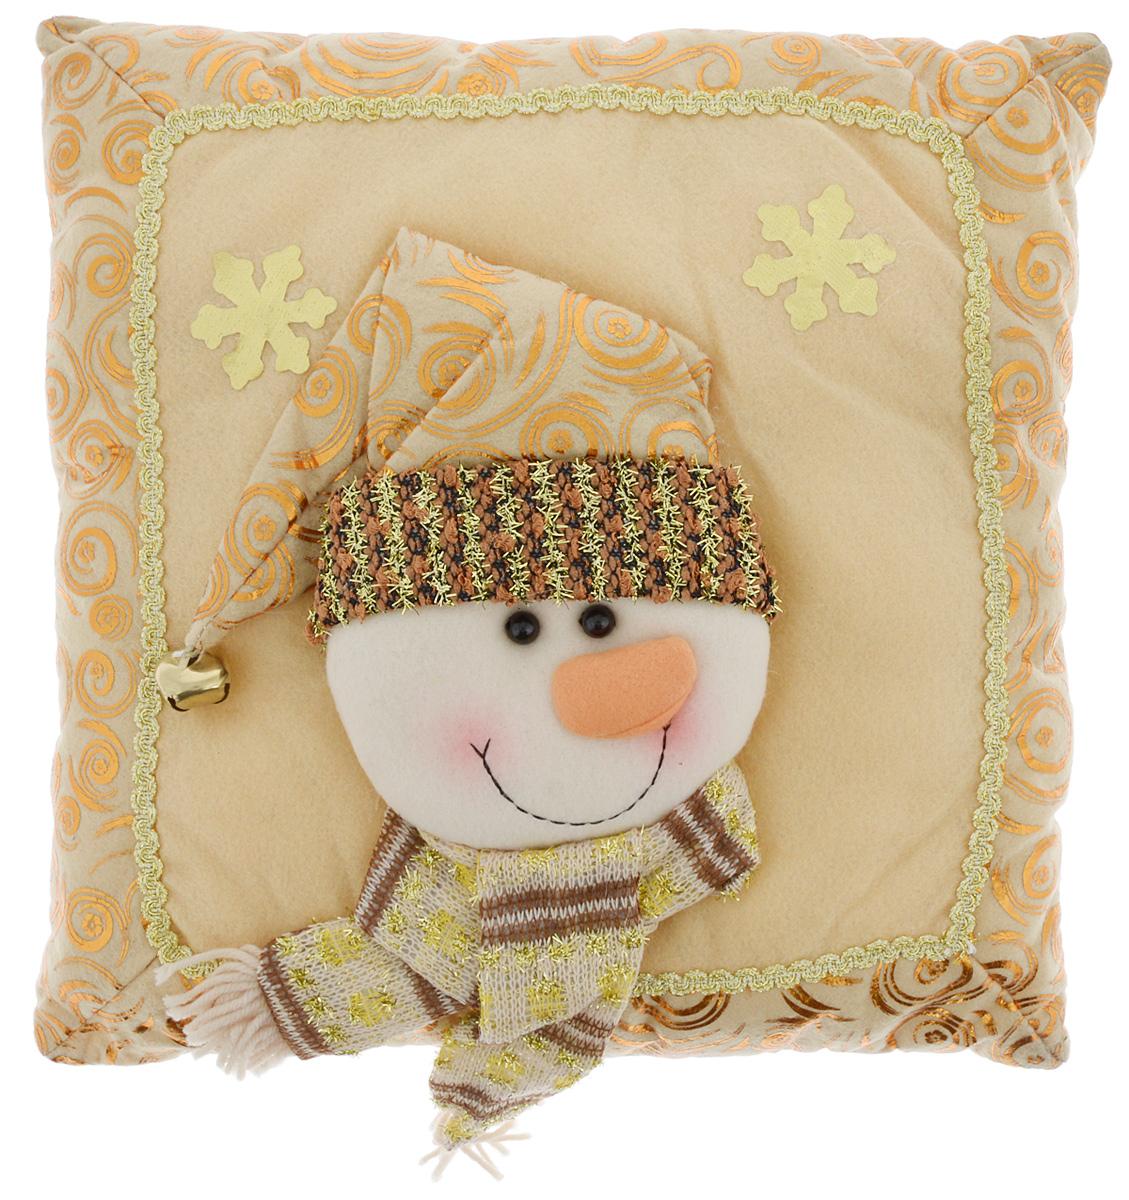 Подушка декоративная Win Max Снеговик, 30 х 30 cм. 171171_коричневый, снеговикДекоративная подушка Win Max Снеговик прекрасно подойдет для праздничного декора вашего дома в преддверии Нового года. Чехол выполнен из текстиля с комбинированной текстурой, украшен изображением снежинок и аппликацией в виде забавного снеговика. Синтепоновый наполнитель делает подушку мягкой и уютной. Красивая подушка создаст в доме уют и станет прекрасным элементом декора.